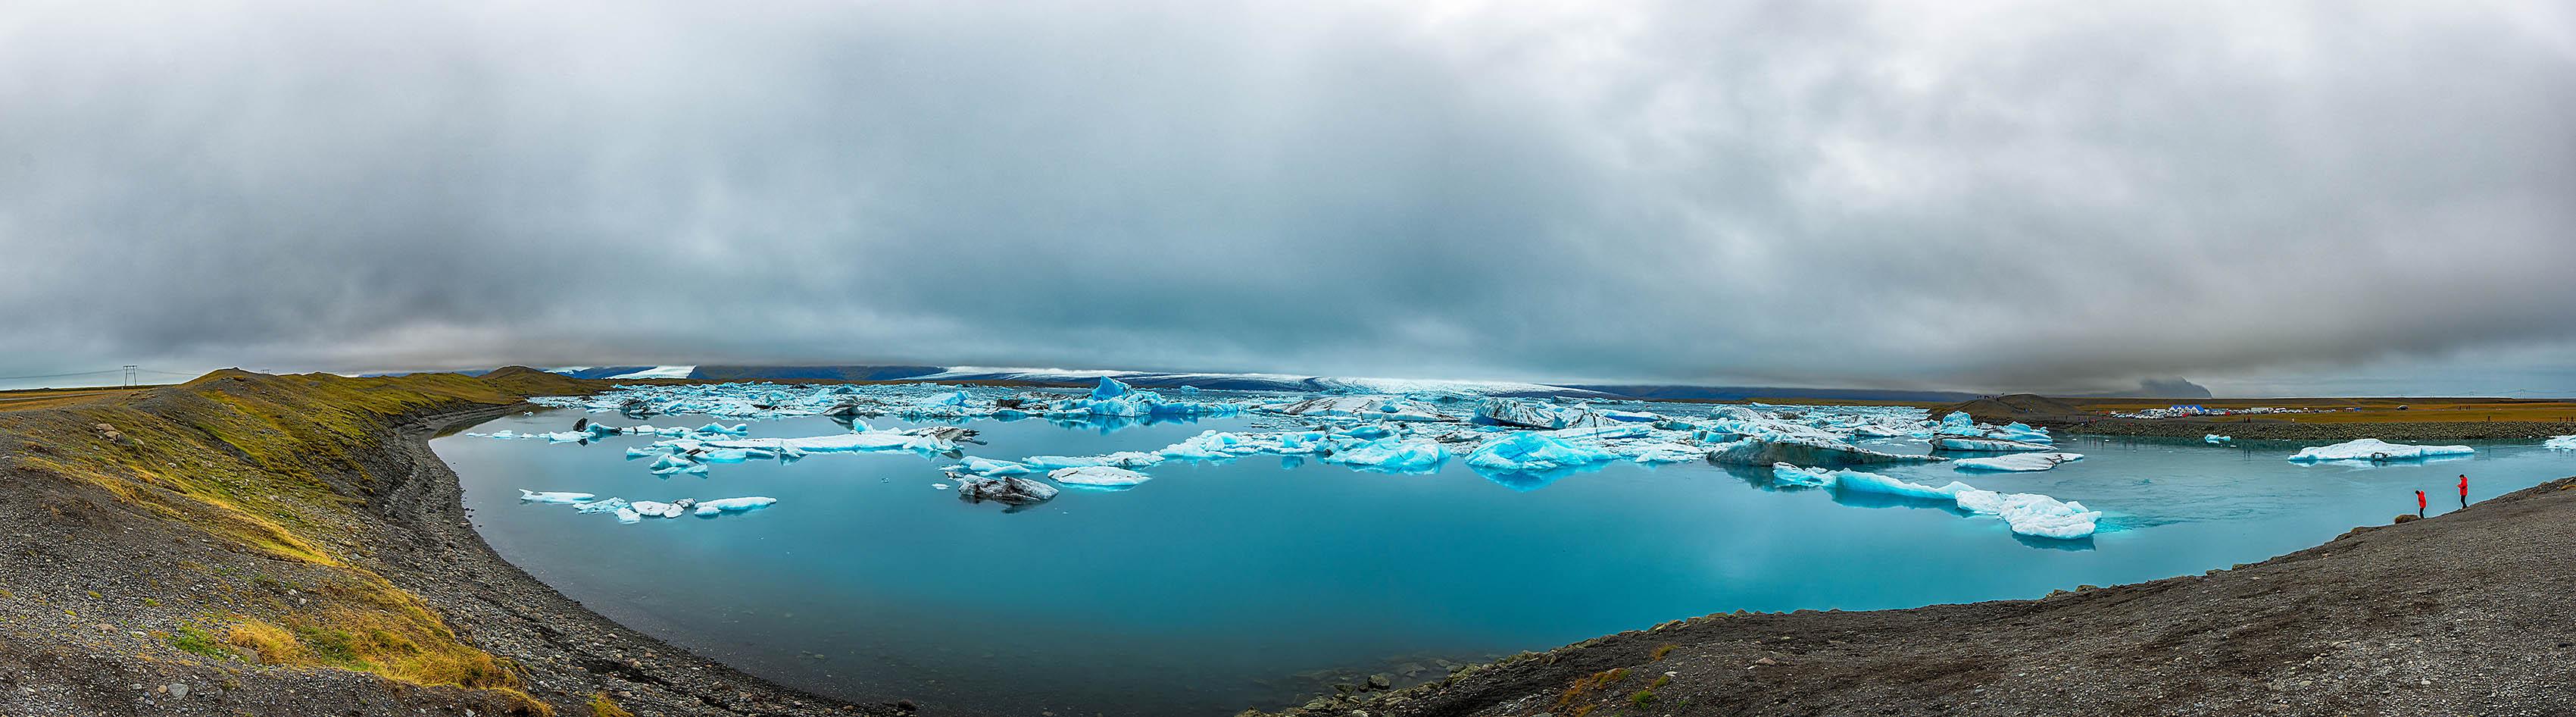 冰島景點照片